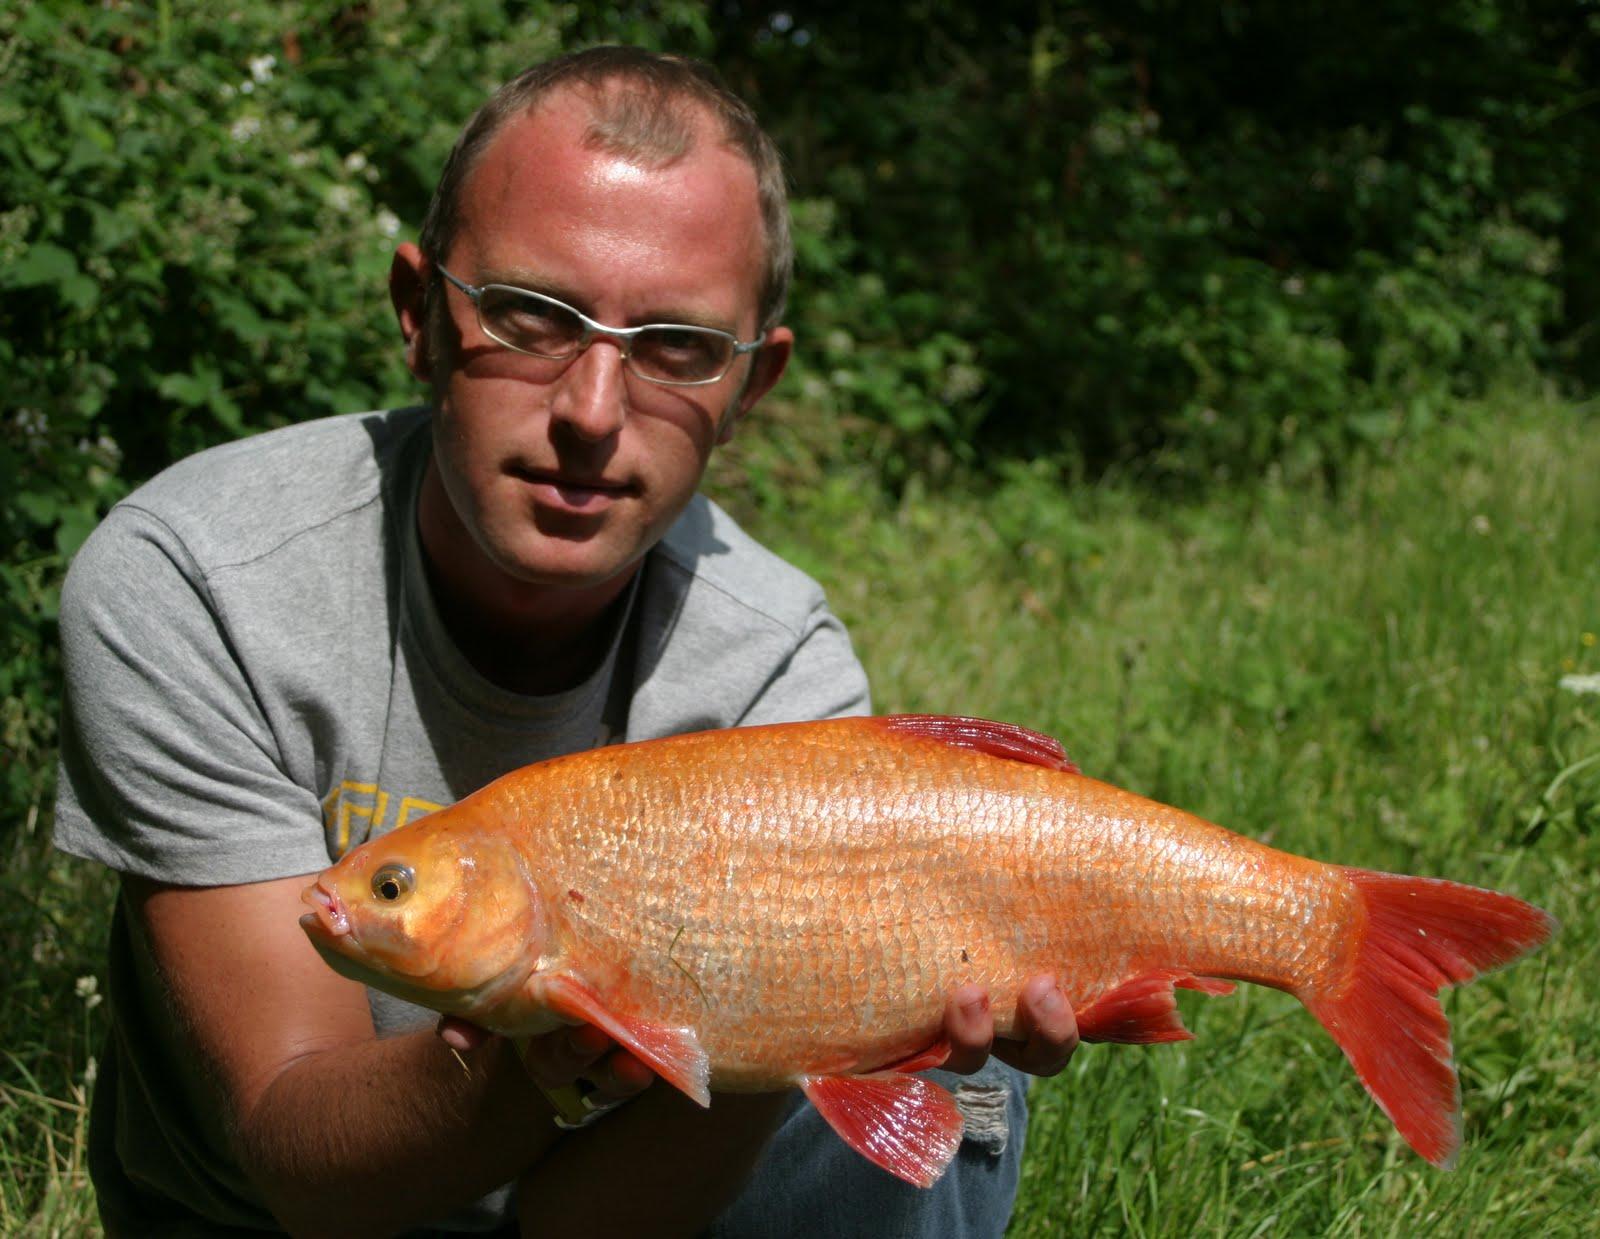 fish bash bosh !!!